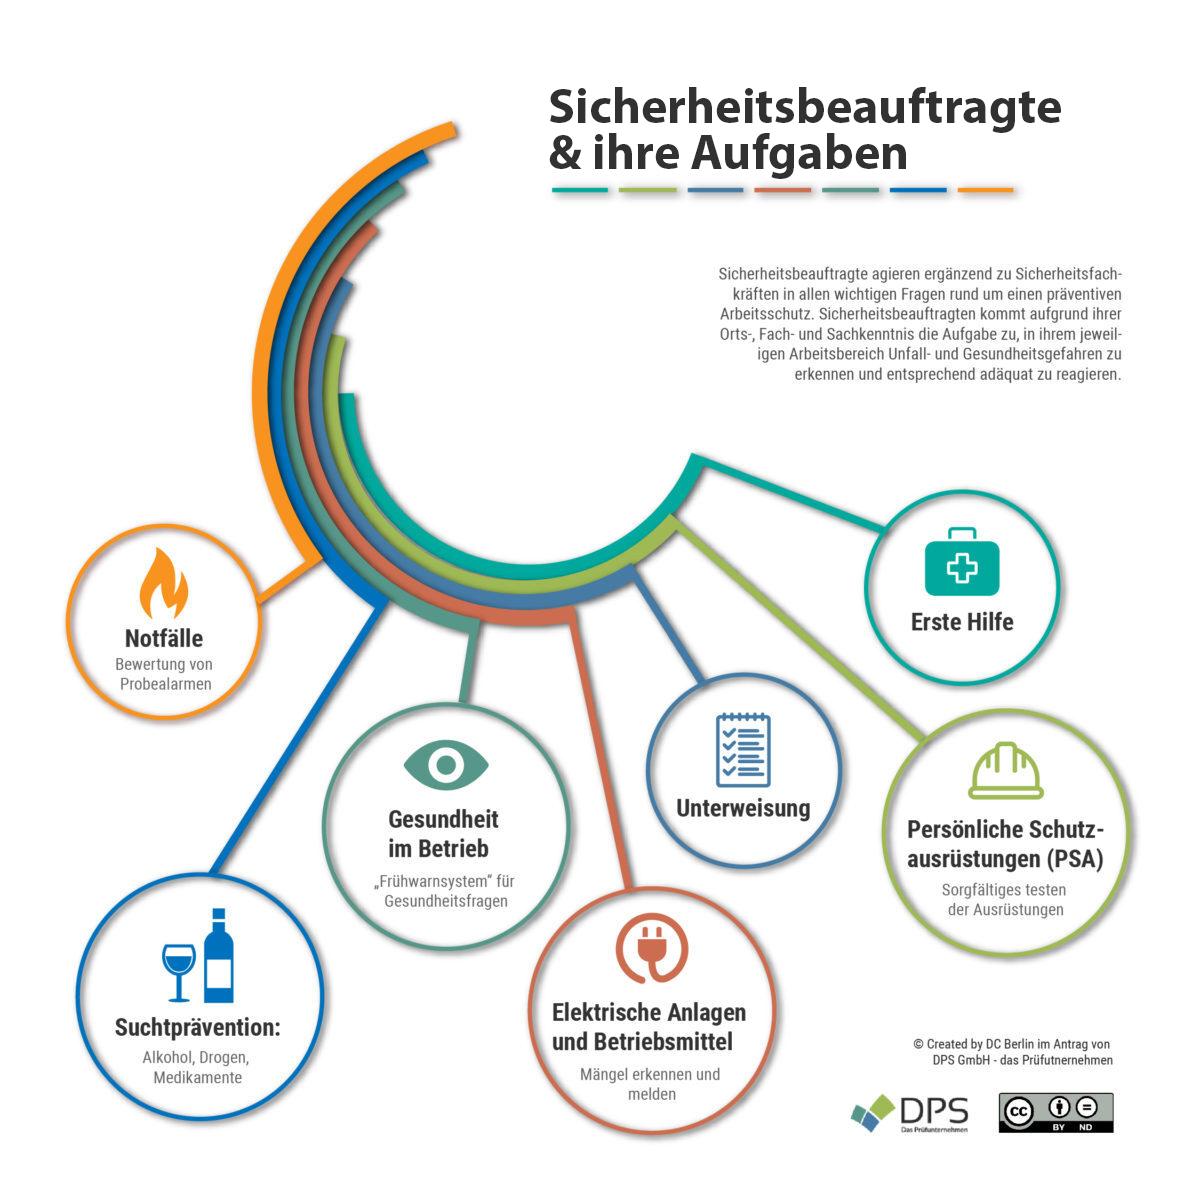 Infografik zum Thema Aufgaben eines Sicherheitsbeauftragten